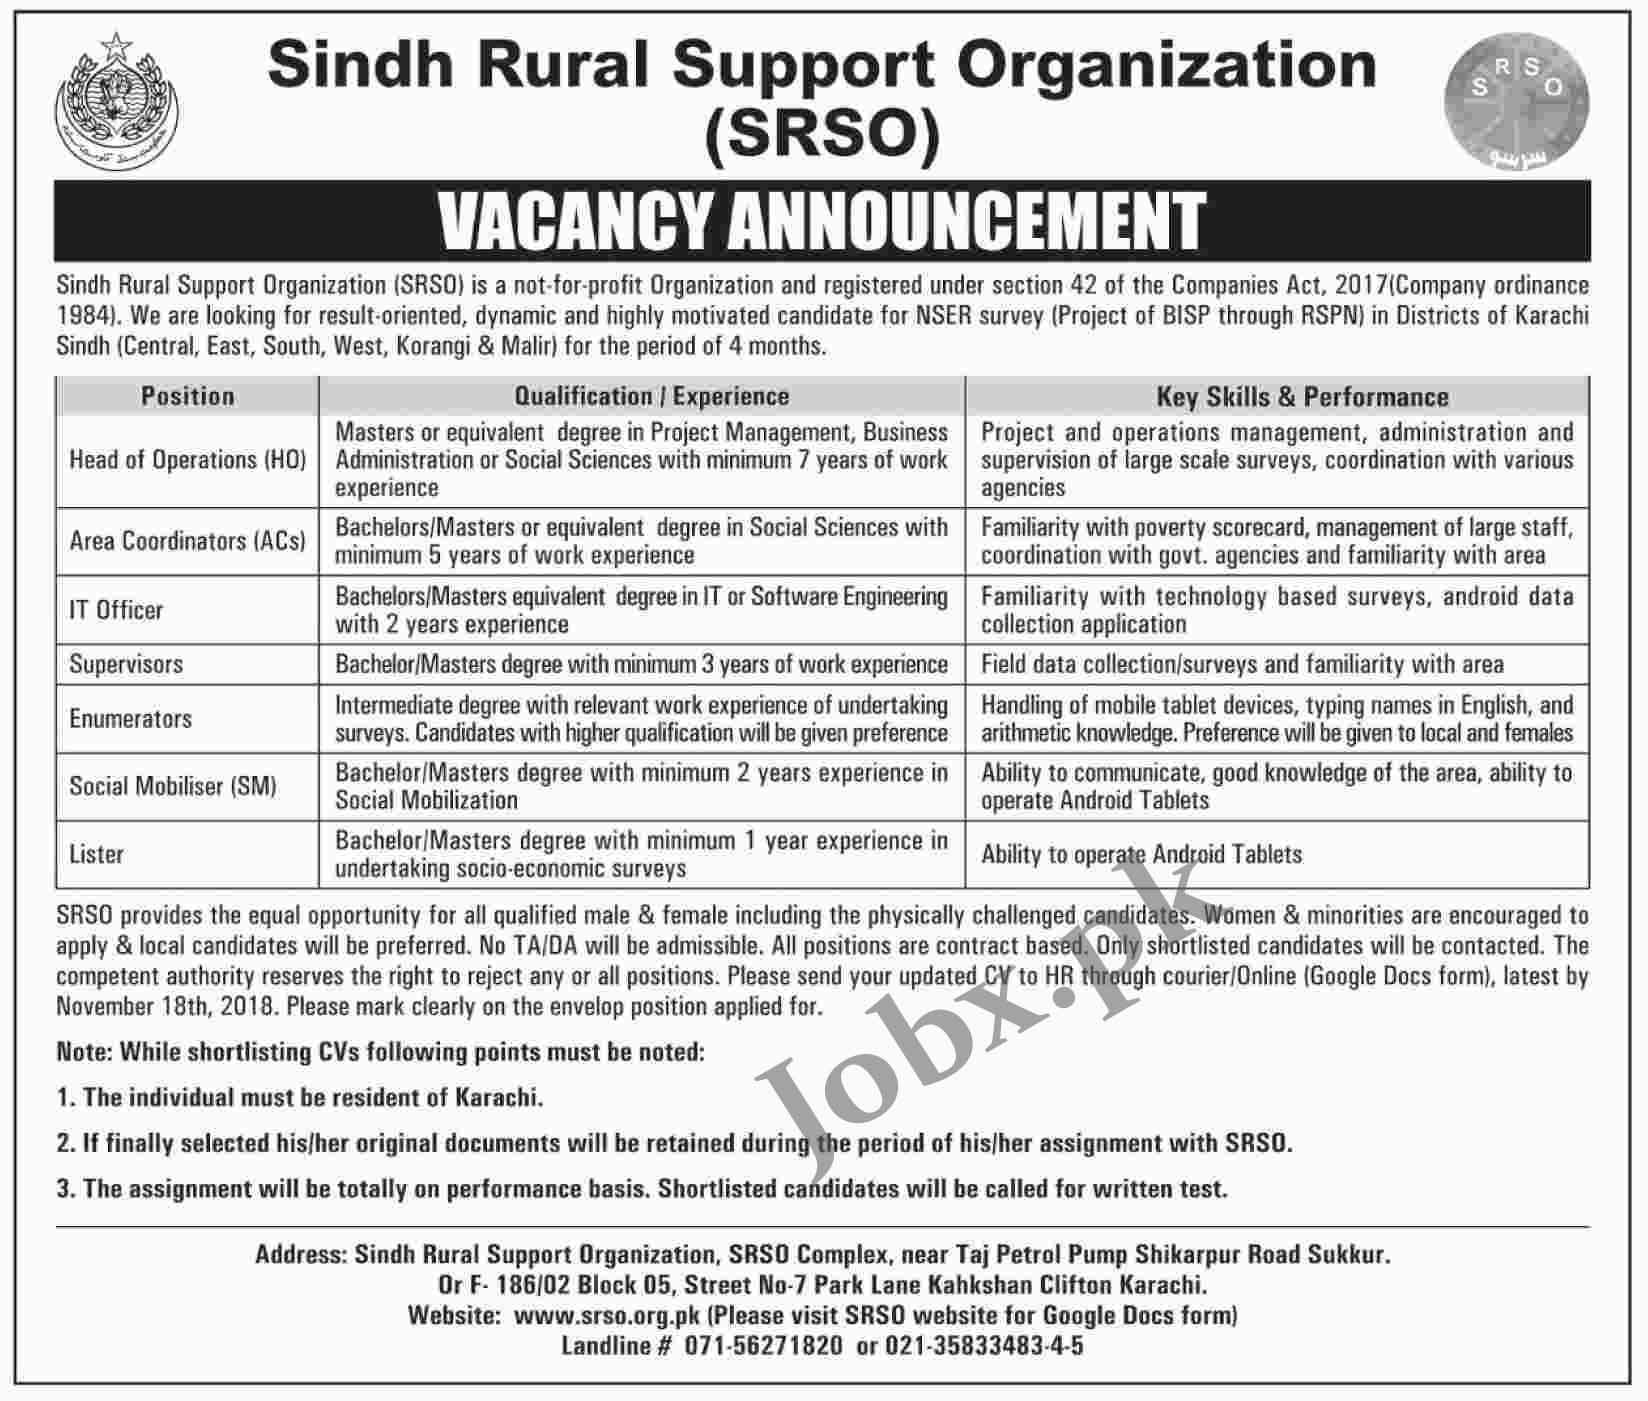 Sindh Rural Support Organization